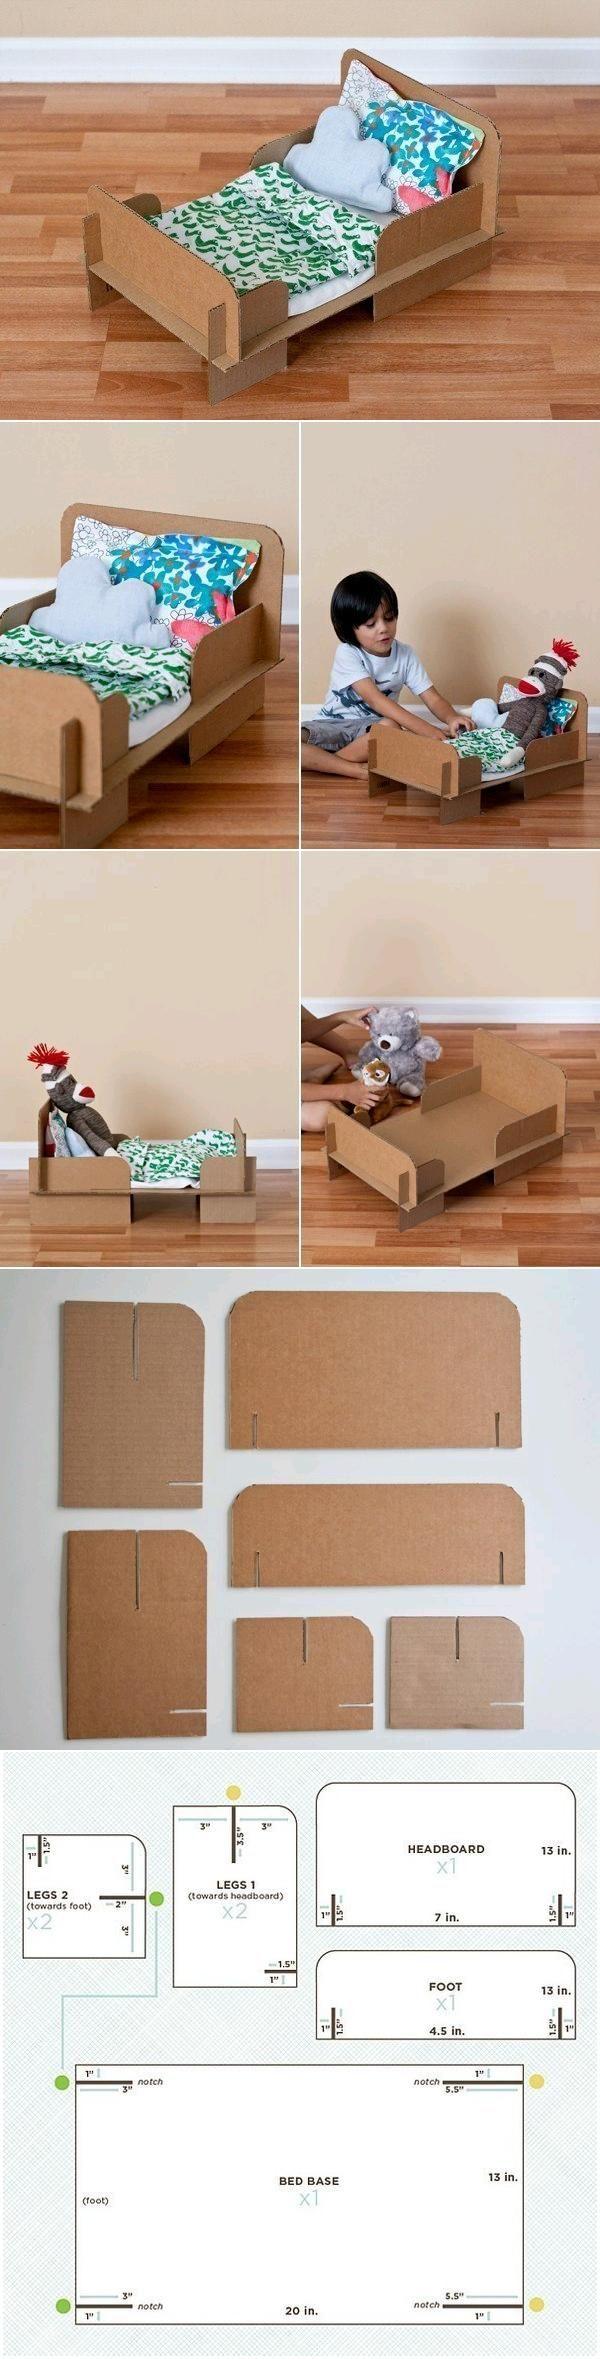 Cama de juguete reciclando cartón | Pinterest | Juguetes reciclados ...